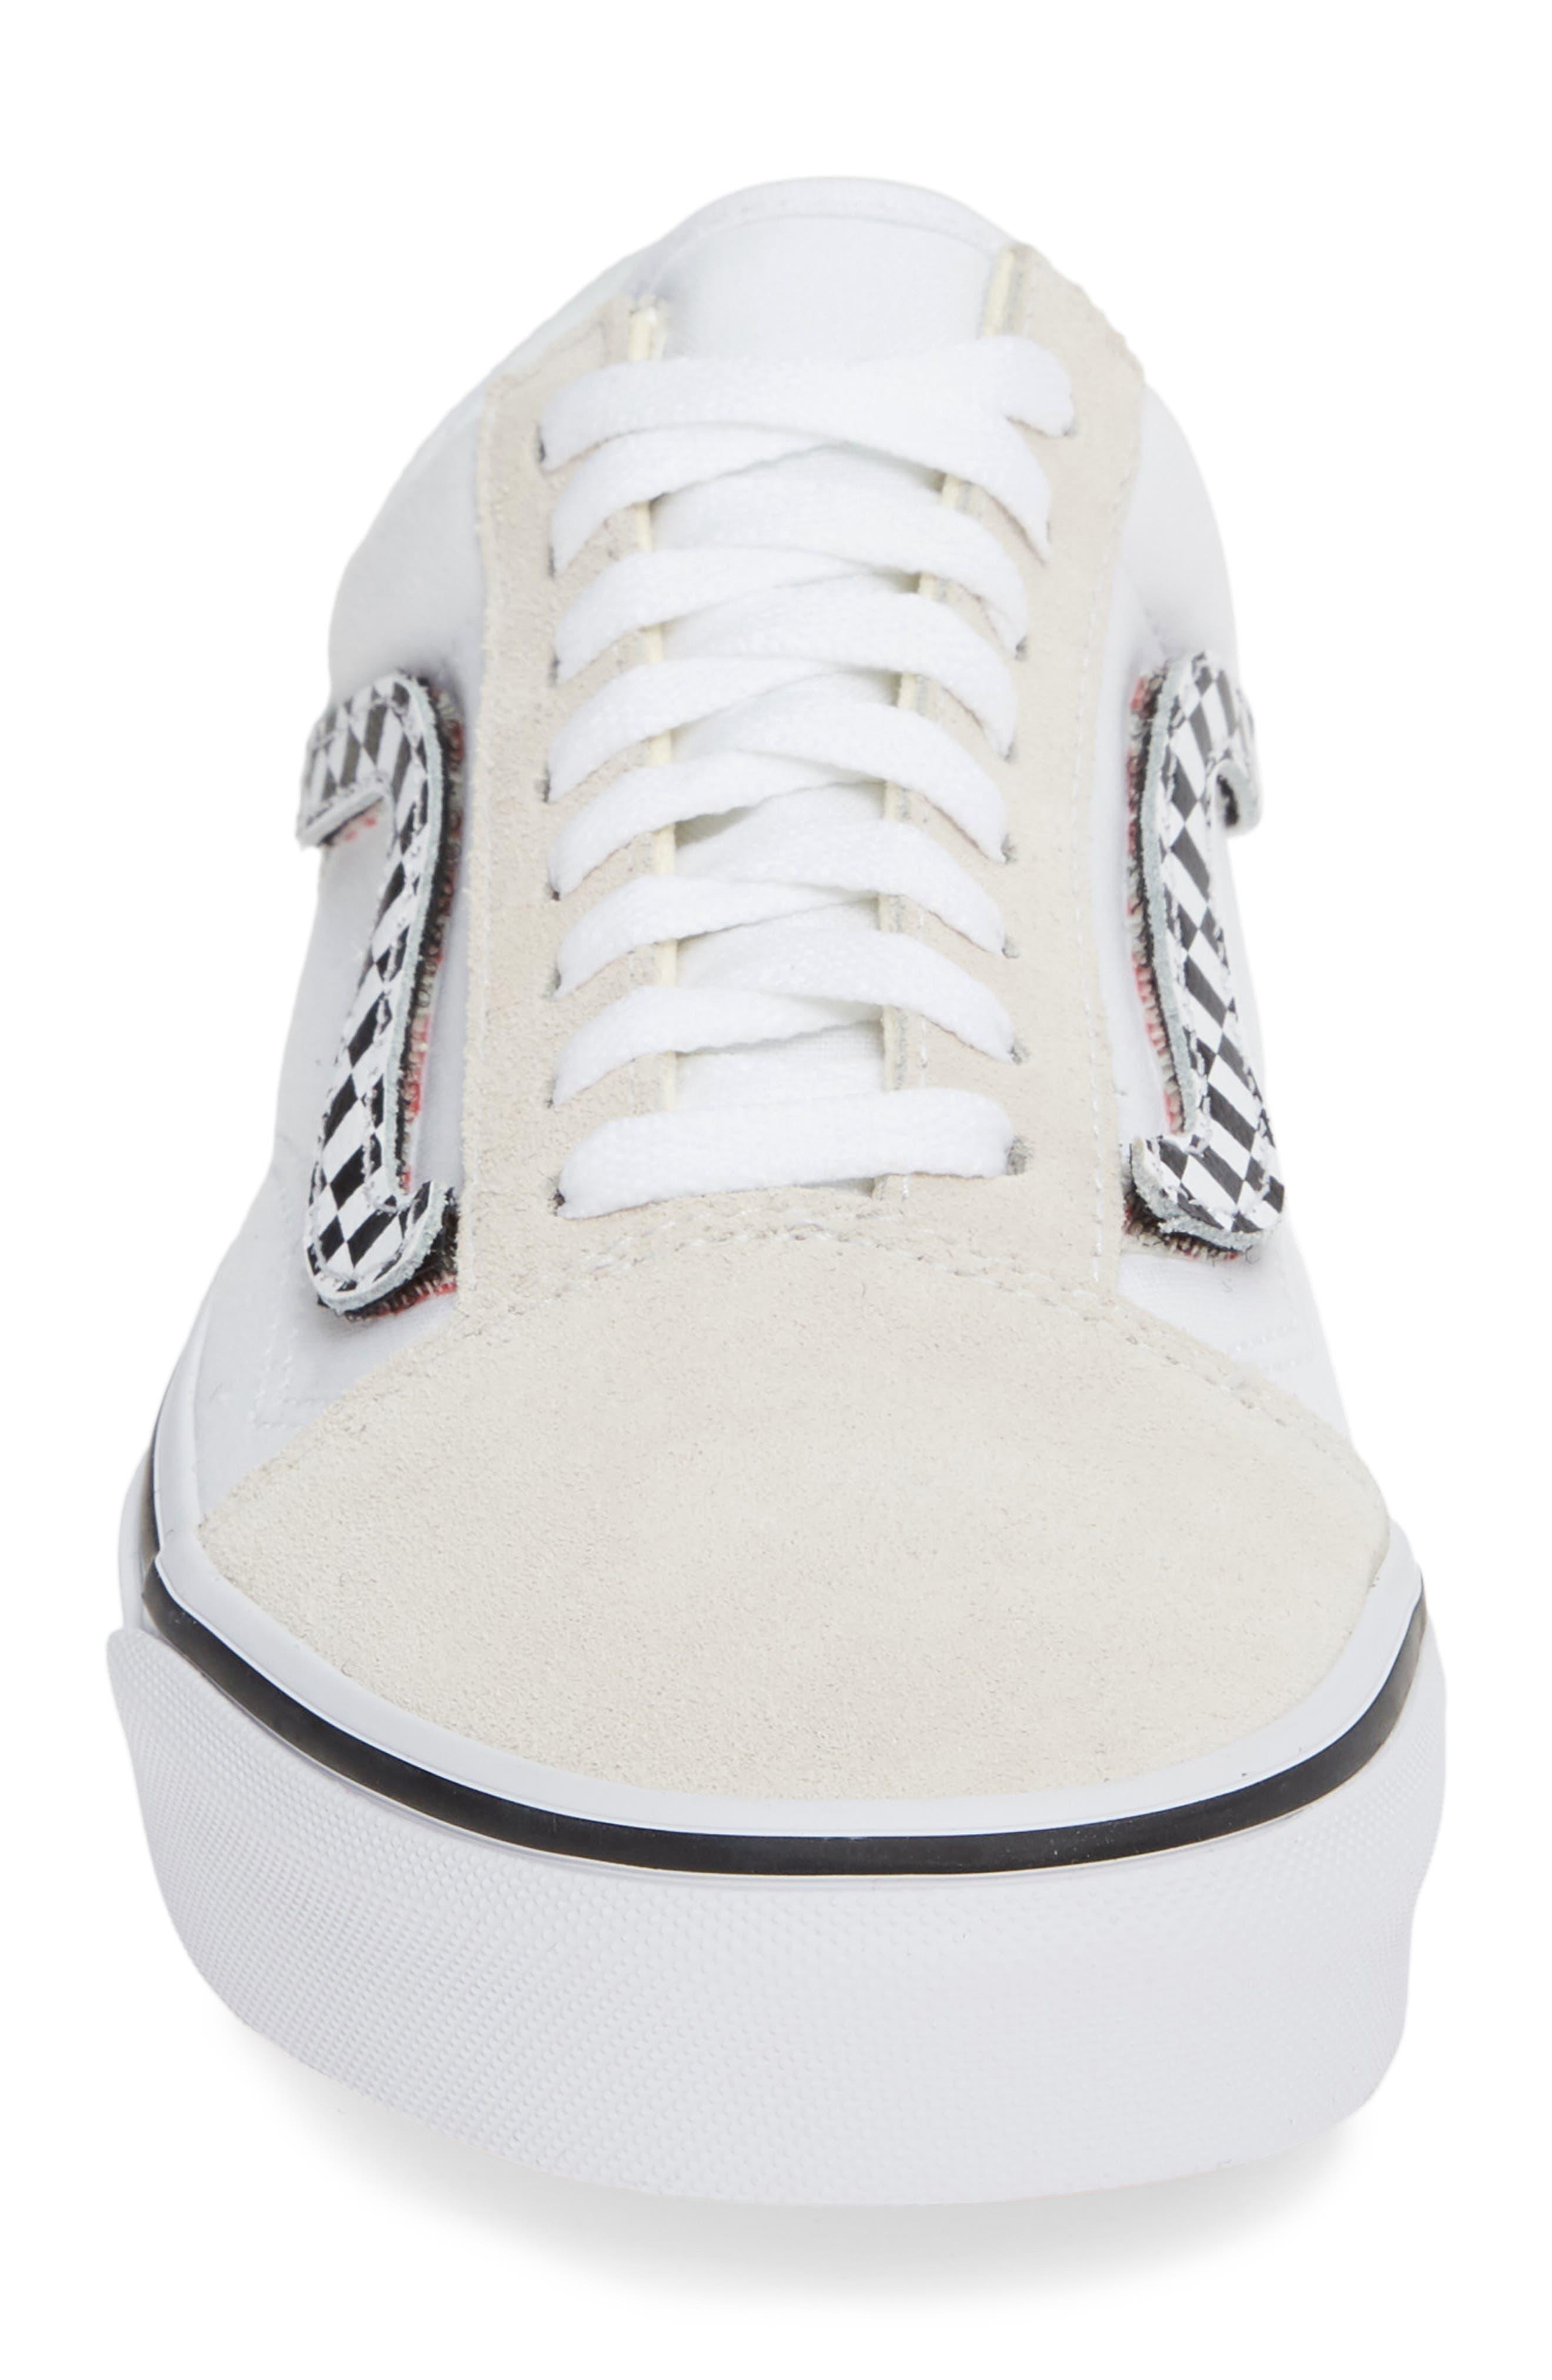 VANS,                             Old Skool Sneaker,                             Alternate thumbnail 4, color,                             TRUE WHITE/ TRUE WHITE